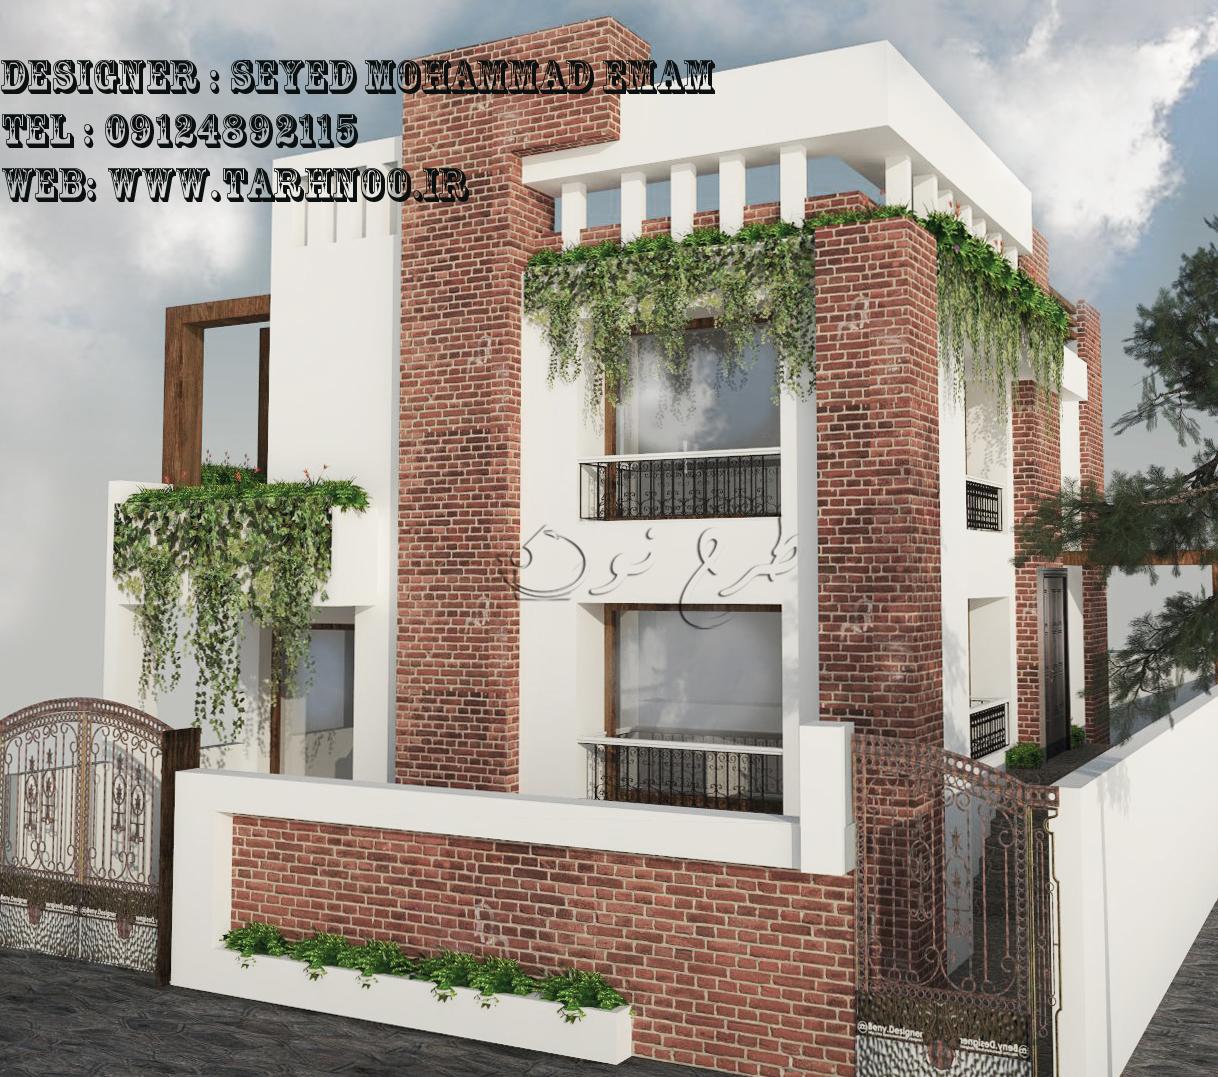 طراحی نمای ساختمان - انجام تری دی - پروژه دانشجویی- قیمت مناسب